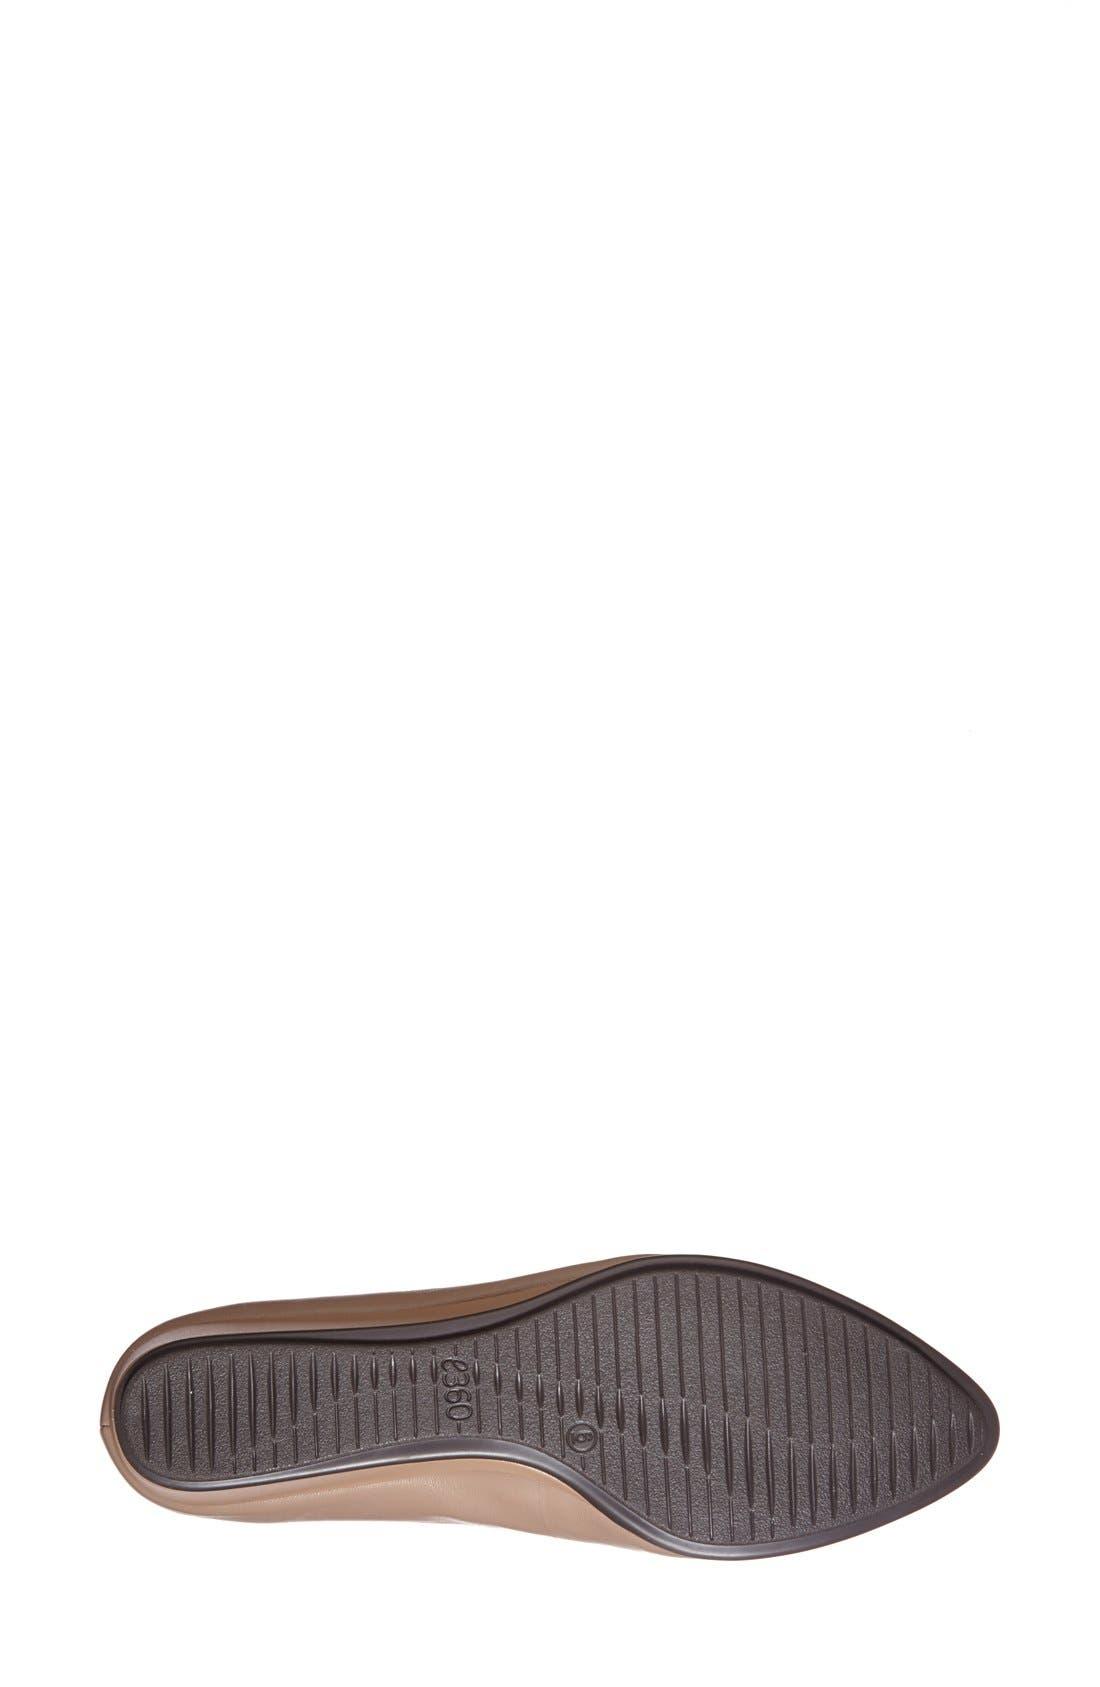 Alternate Image 4  - Easy Spirit 'e360 - Avery' Leather Flat (Women)